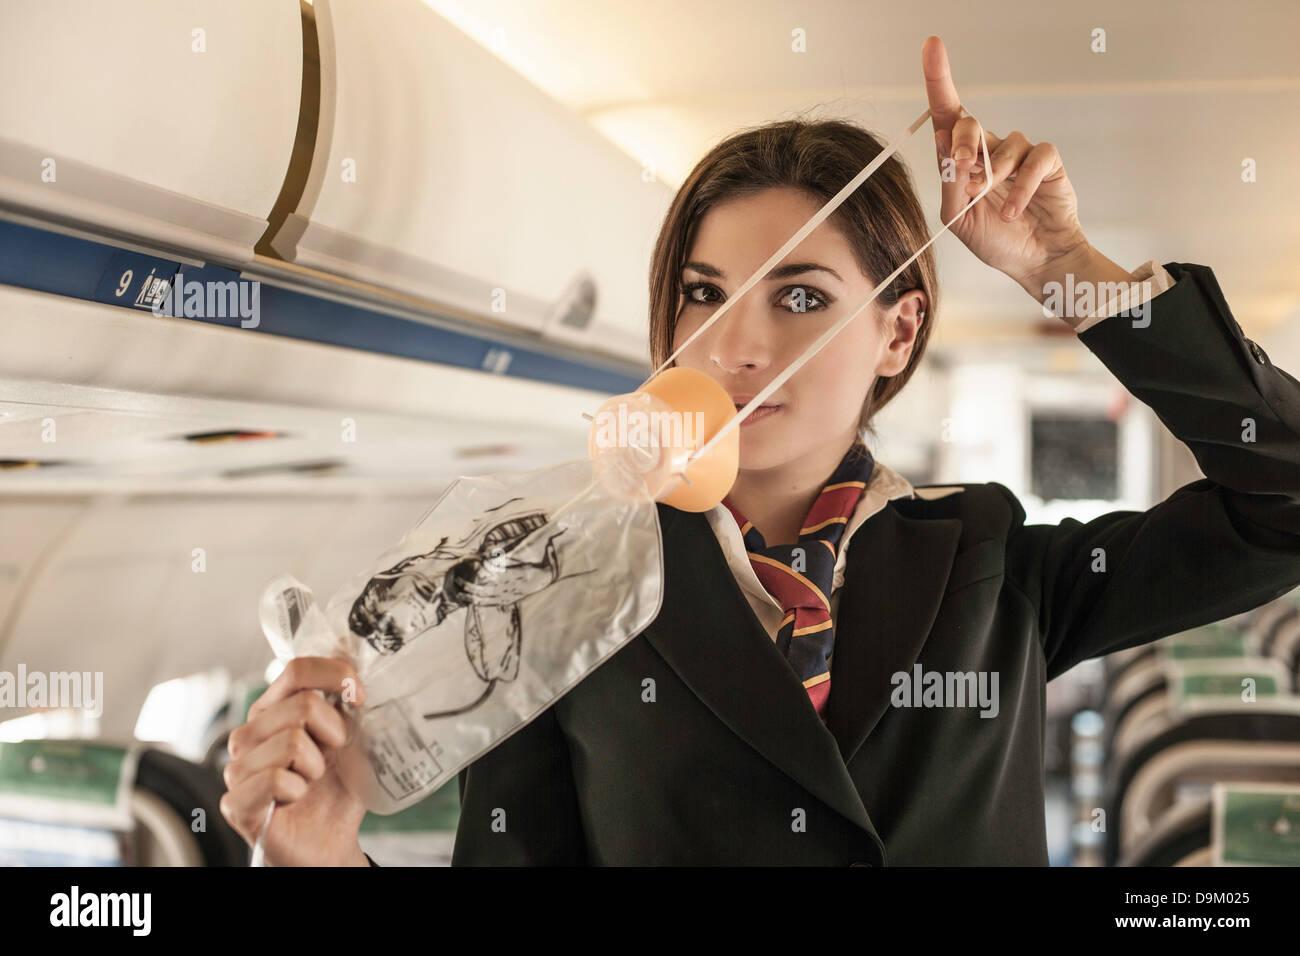 Luft Stewardess Sicherheit Demonstration am Flugzeug durchführen Stockfoto